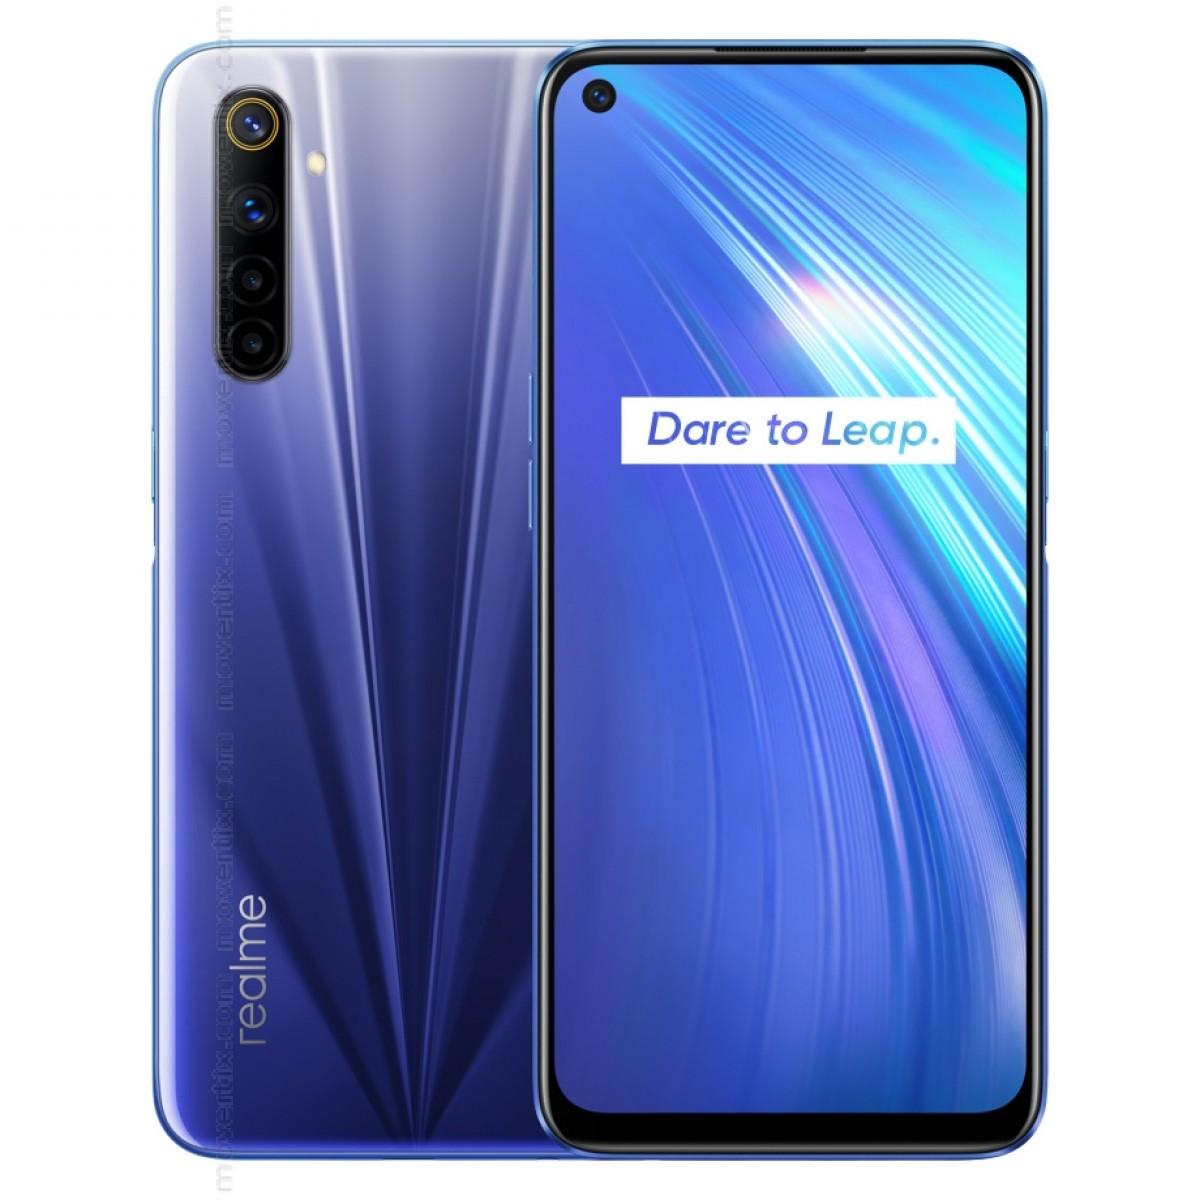 هاتف ذكي ريلم 6 - شاشة 6.5 انش، اندرويد 10، 128 جيجا، 8 جيجا، ازرق